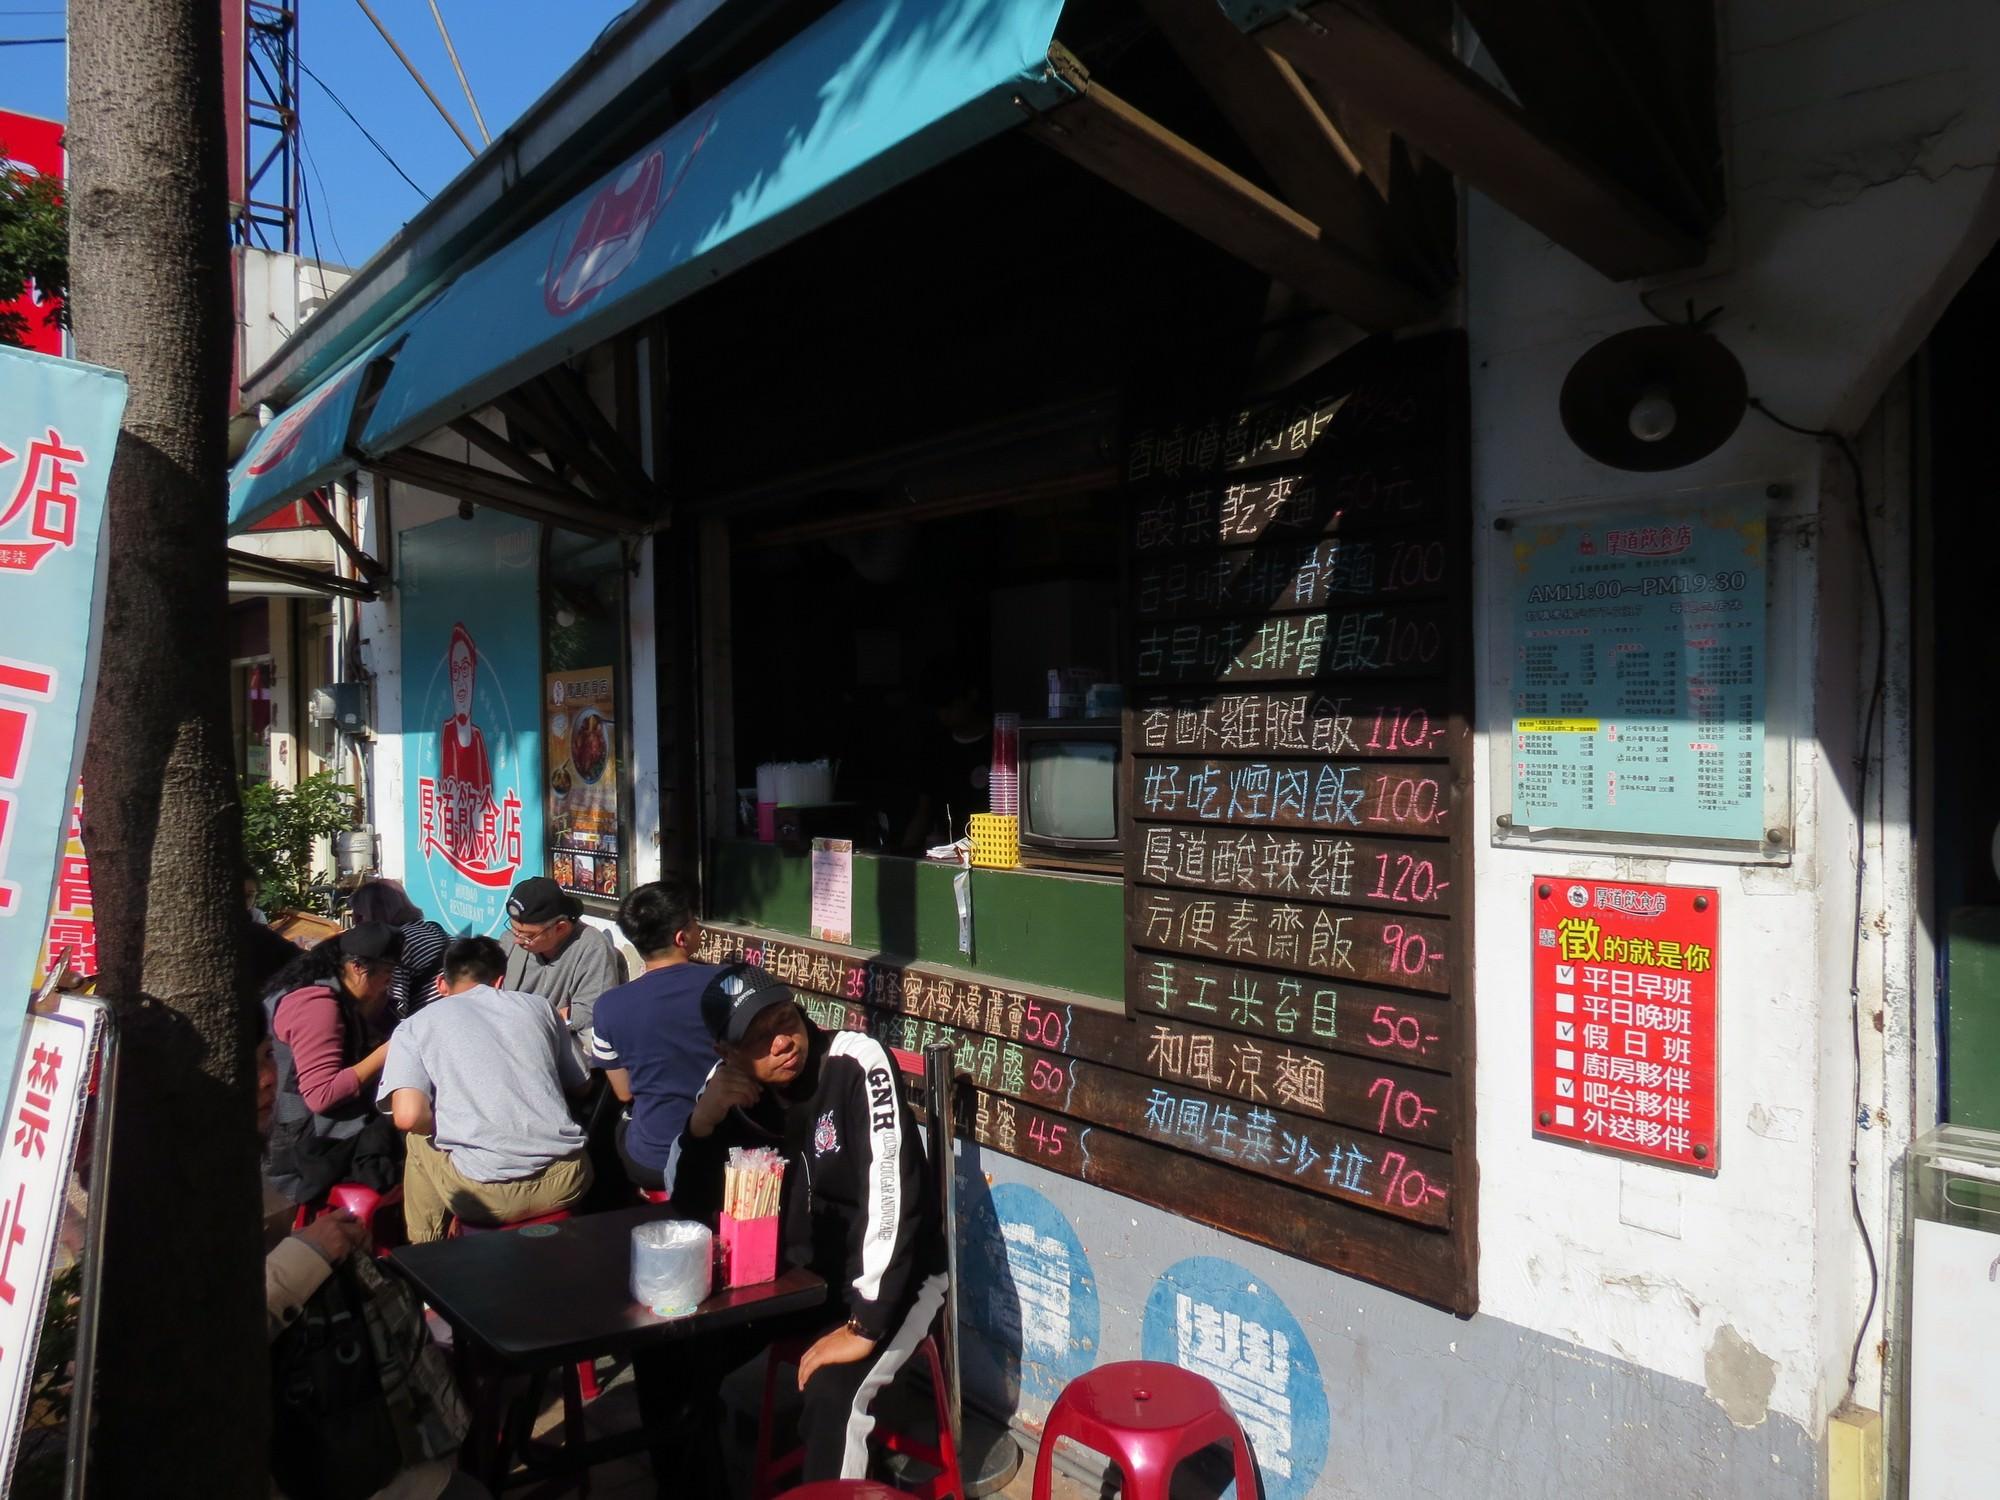 厚道飲食店@鶯歌老店, 用餐環境